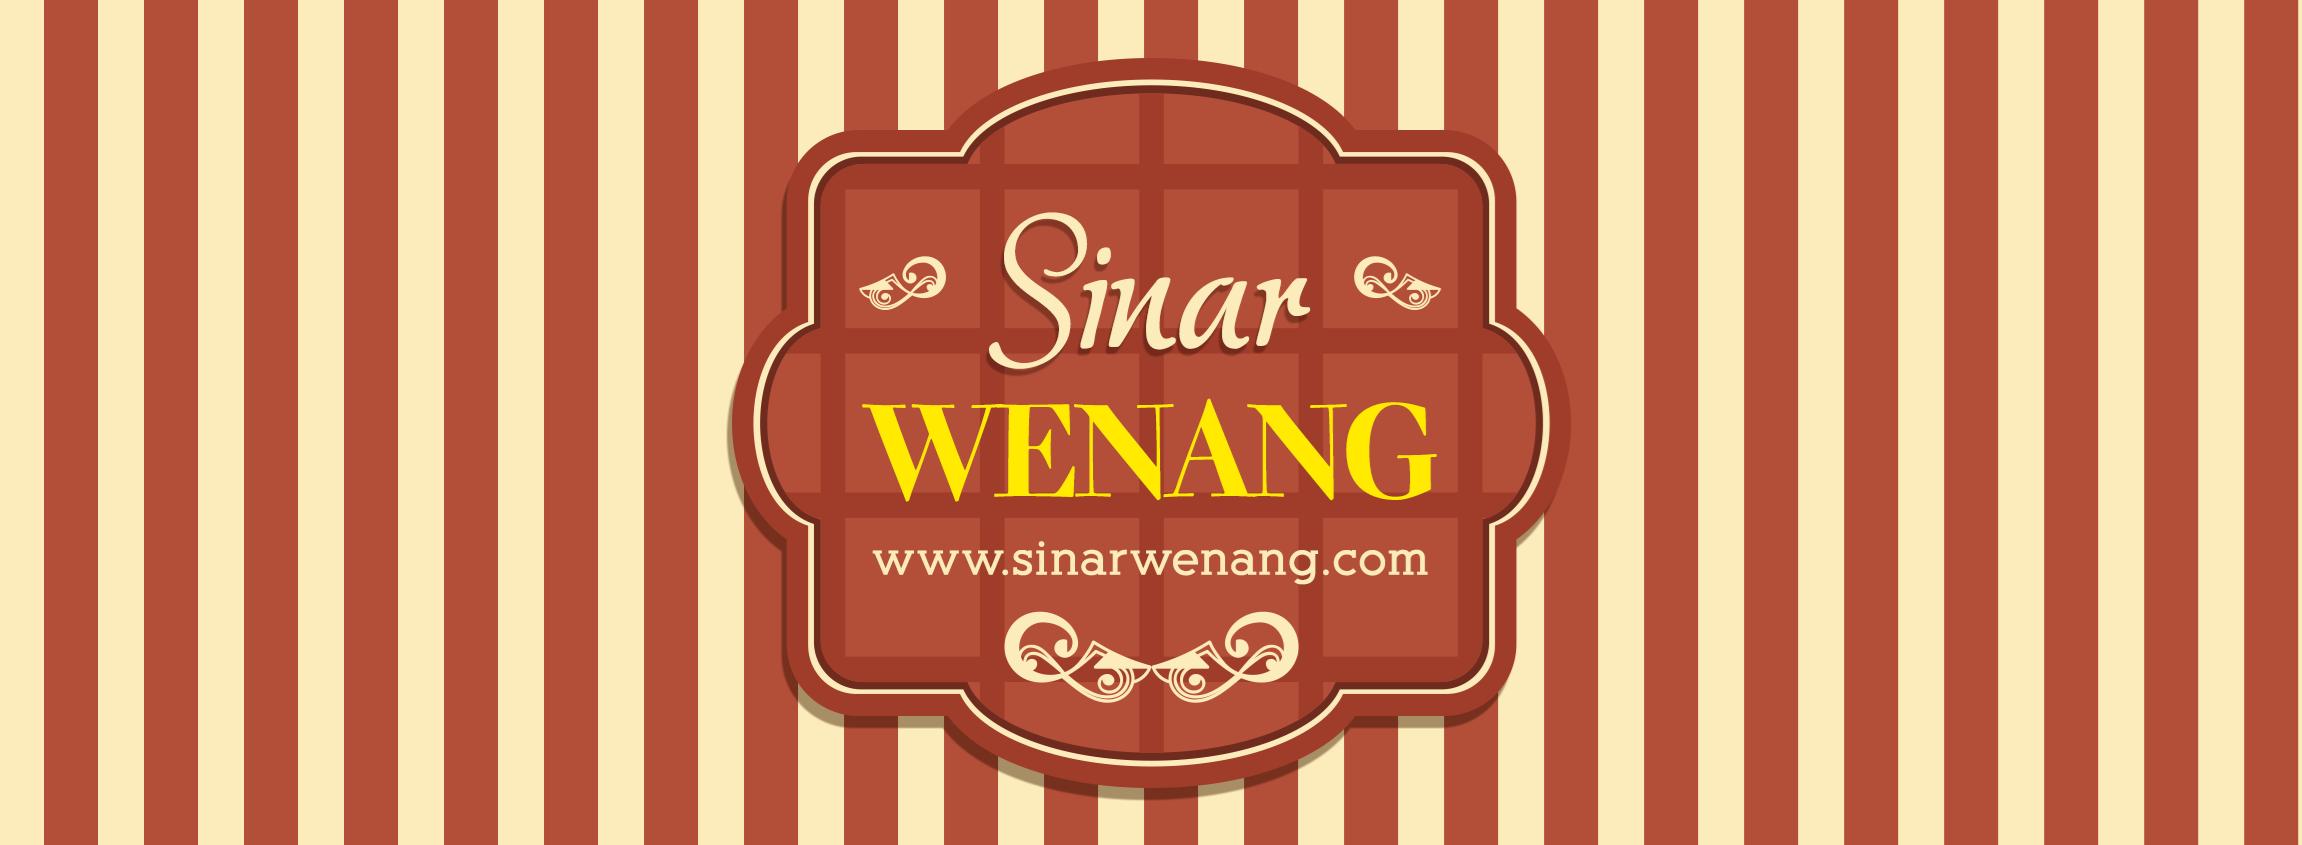 Sinar Wenang